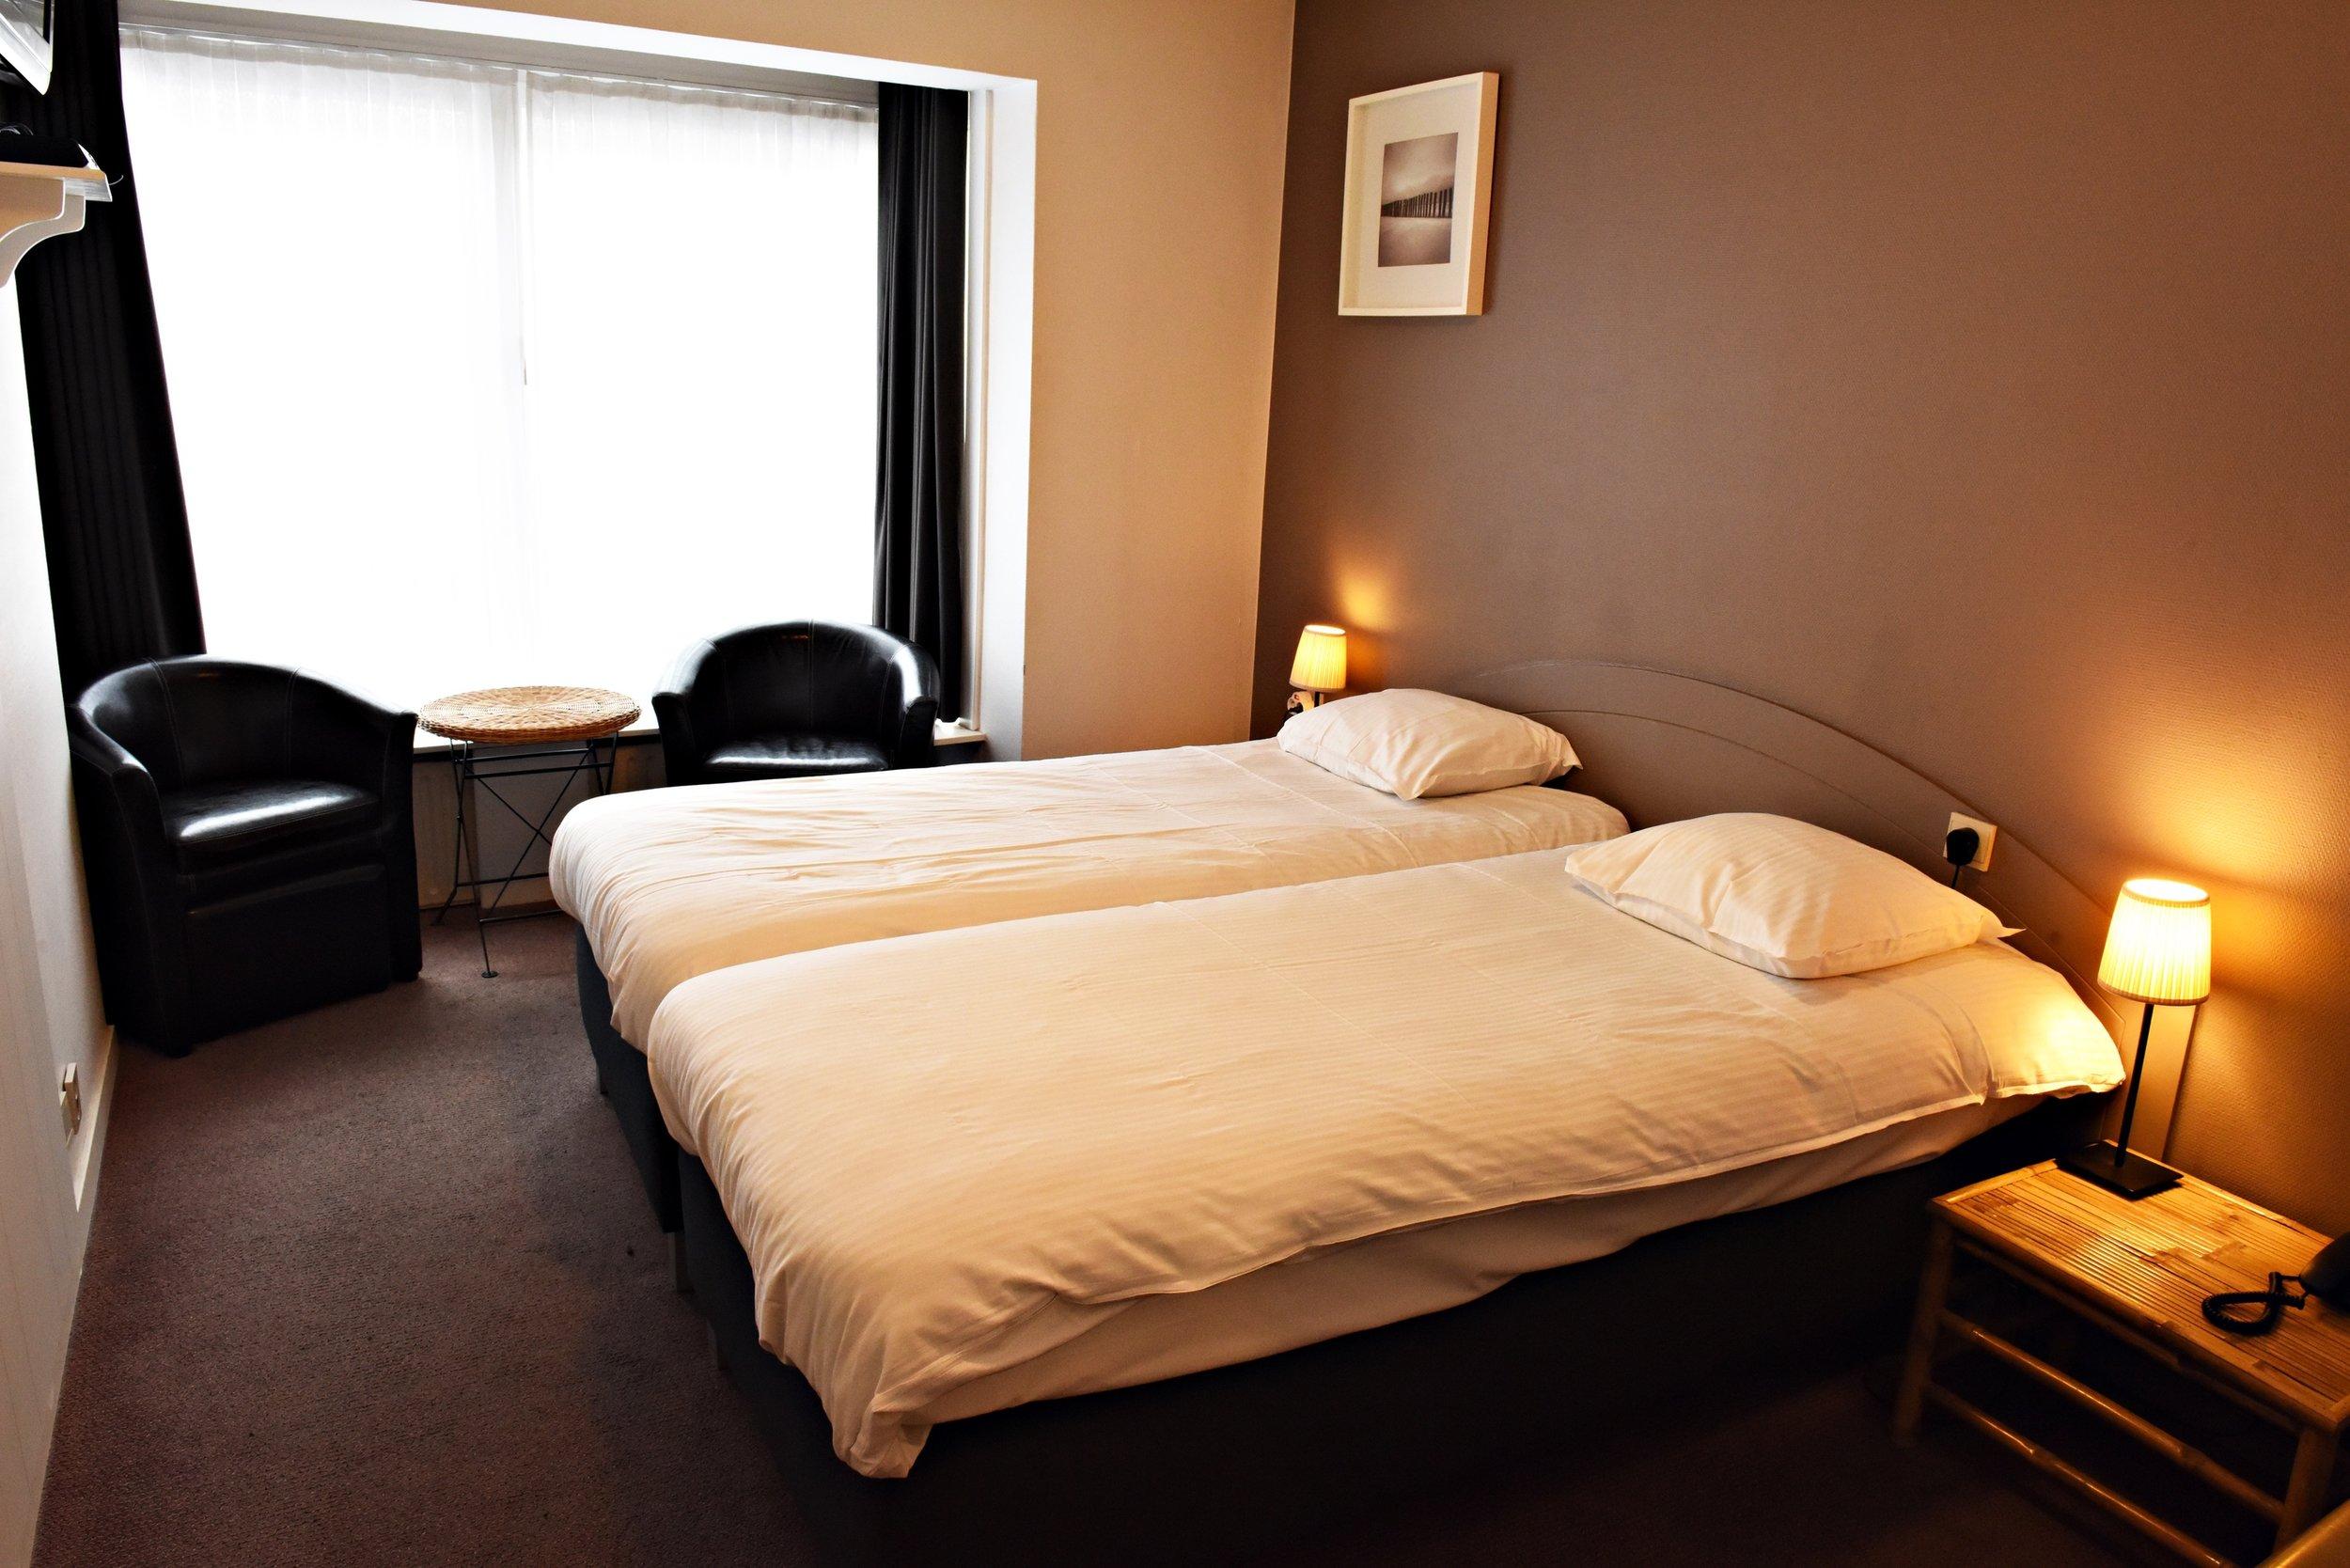 6 hotel kamer ter duinen la guera knokke restaurant bart albrecht tablefever fotograaf foodfotograaf.jpg